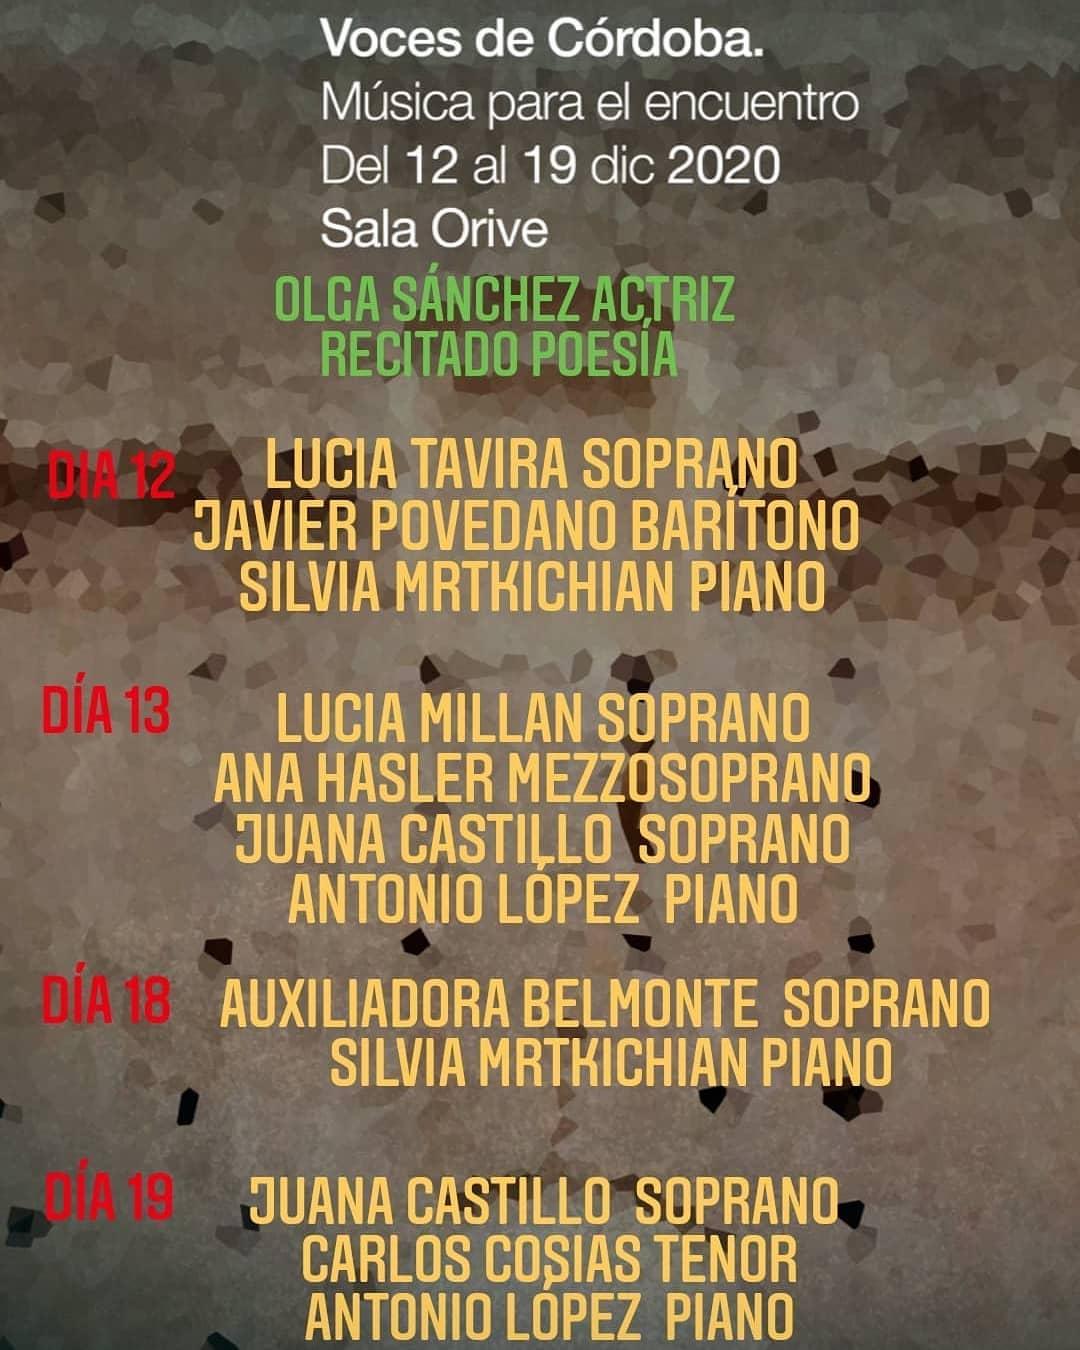 Voces de Córdoba musica para el encuentro we love montilla moriles cordoba